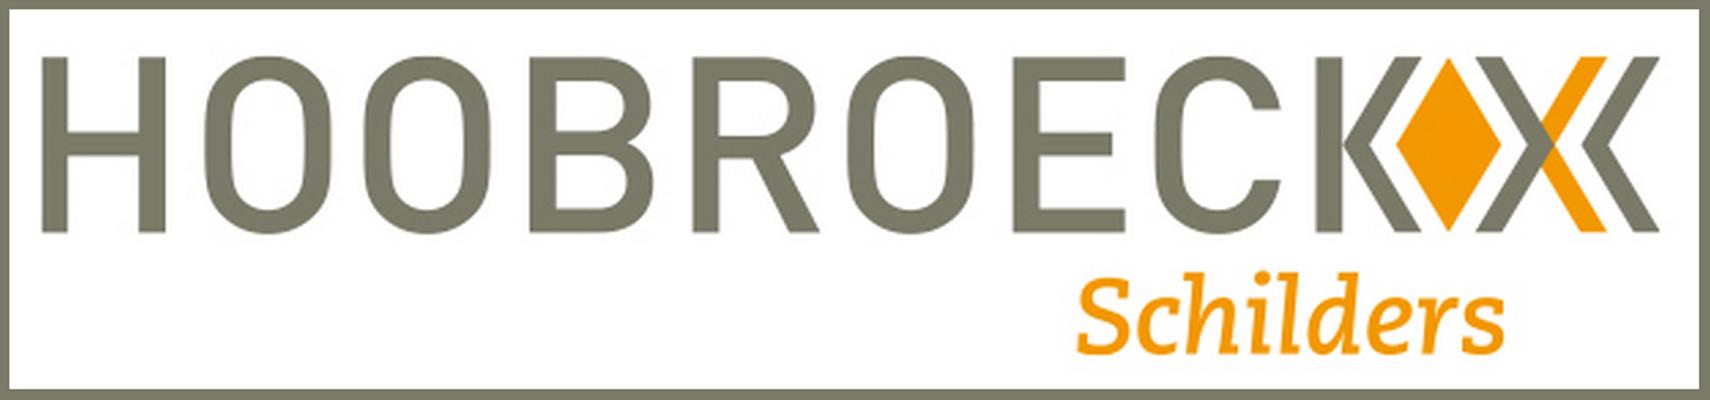 Hoobroeckx Schilders